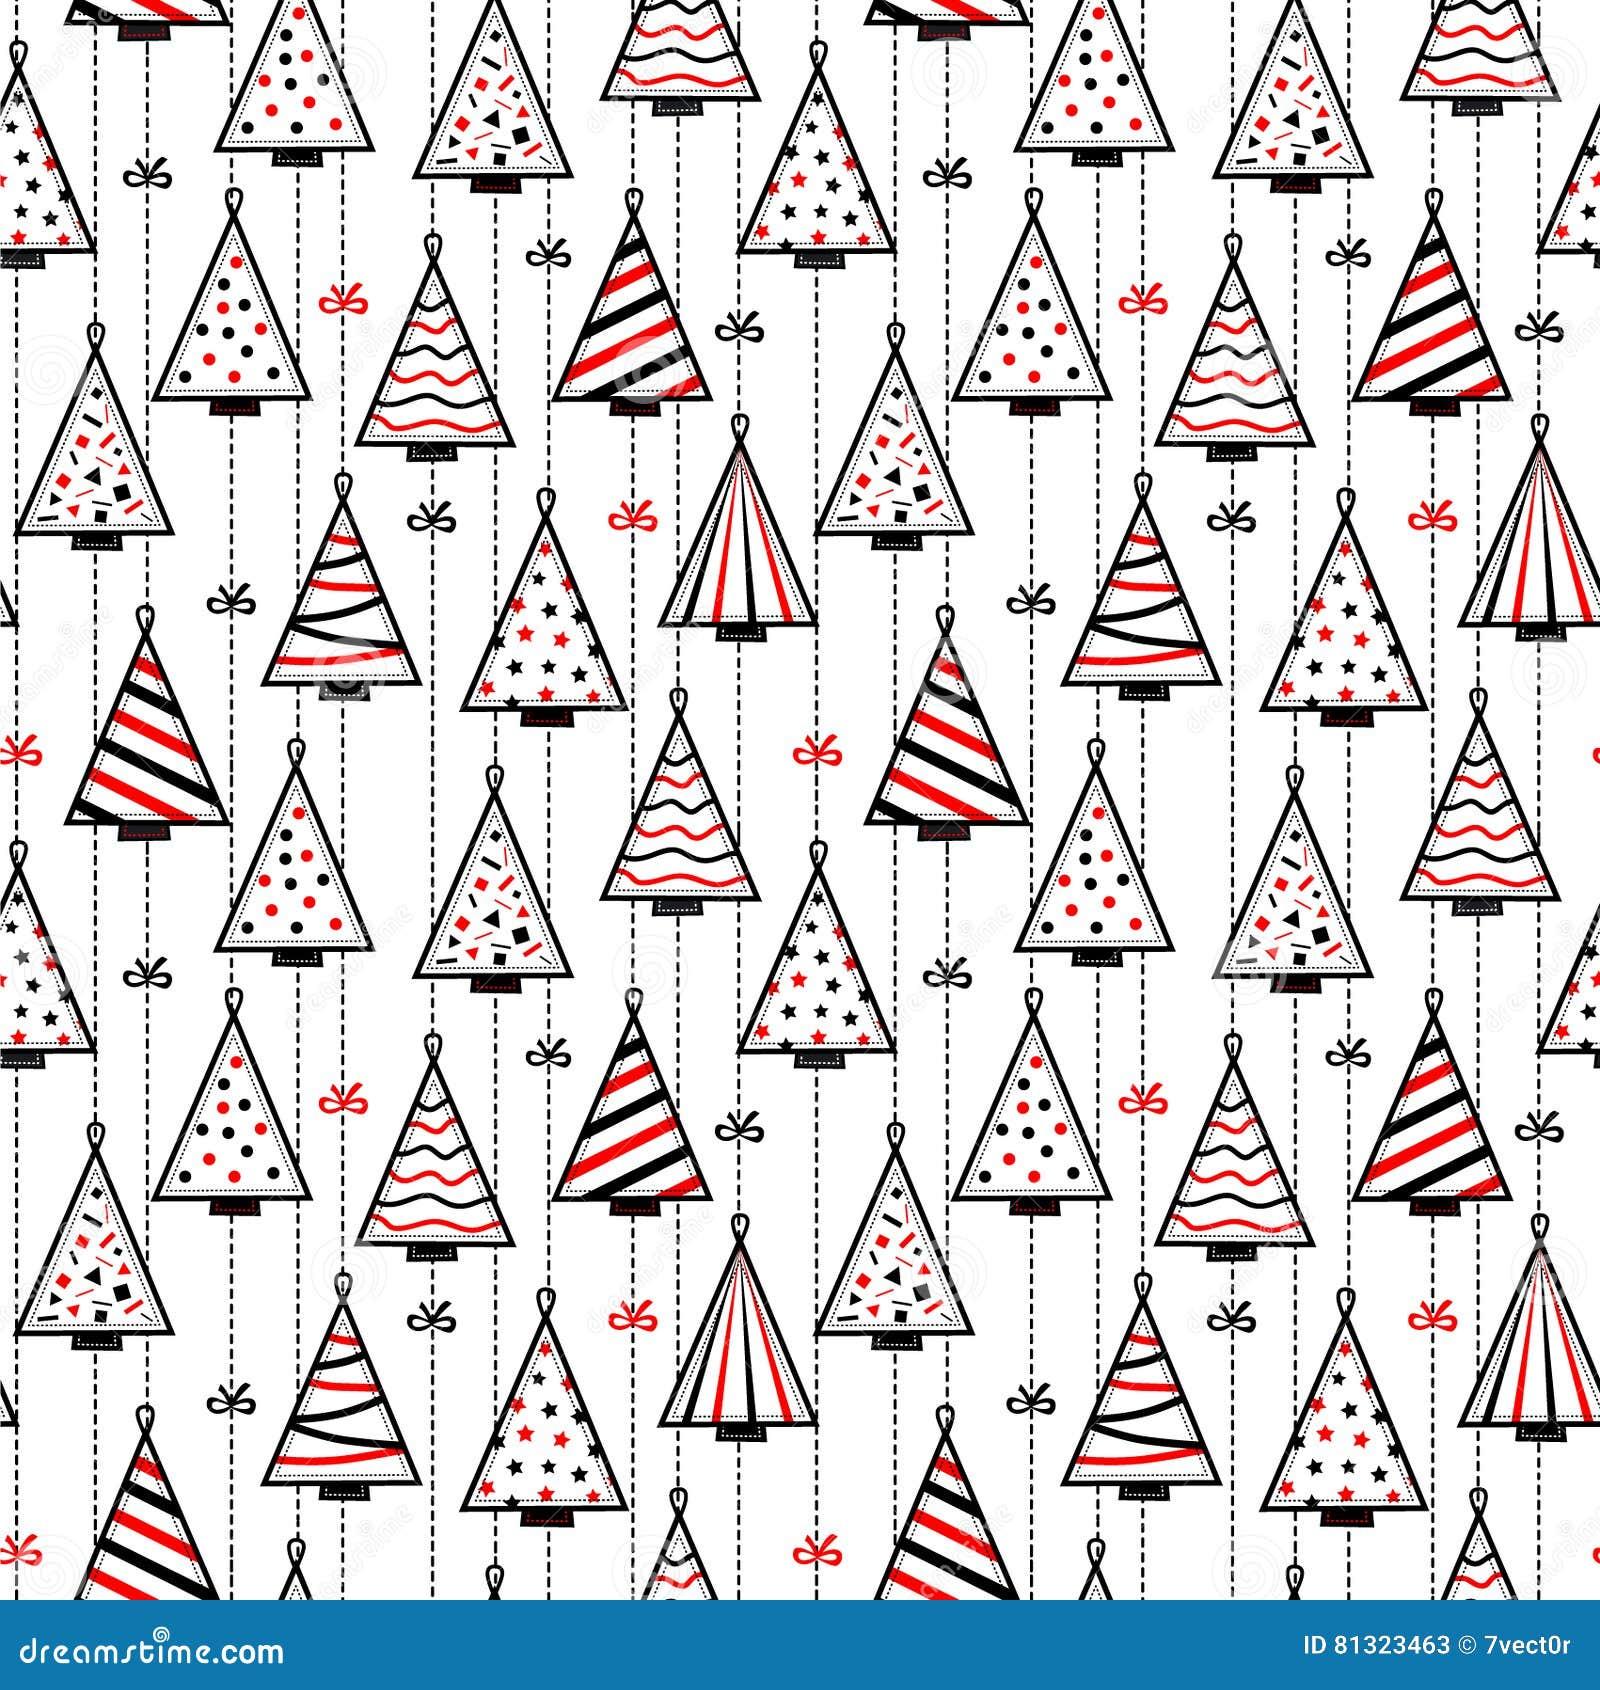 与风格化圣诞树的无缝的样式纹理背景